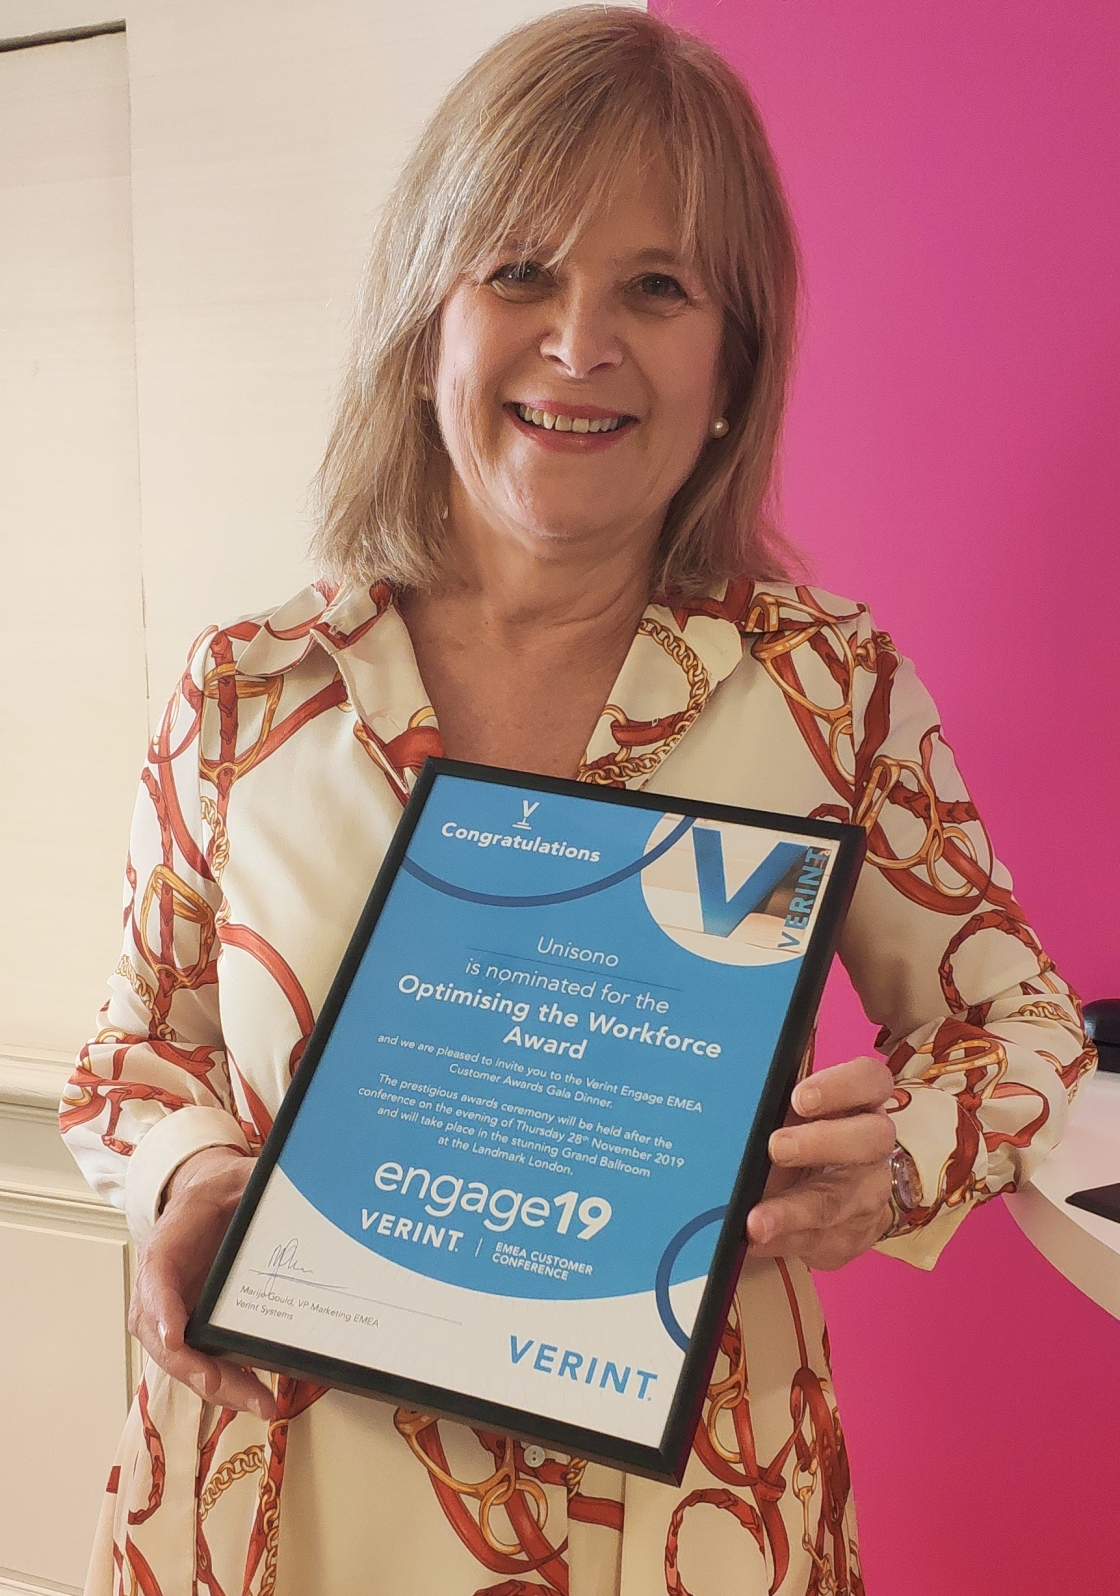 María Andrés Directora Económica, Financiera y de Medios de Grupo Unísono con el premio Verint